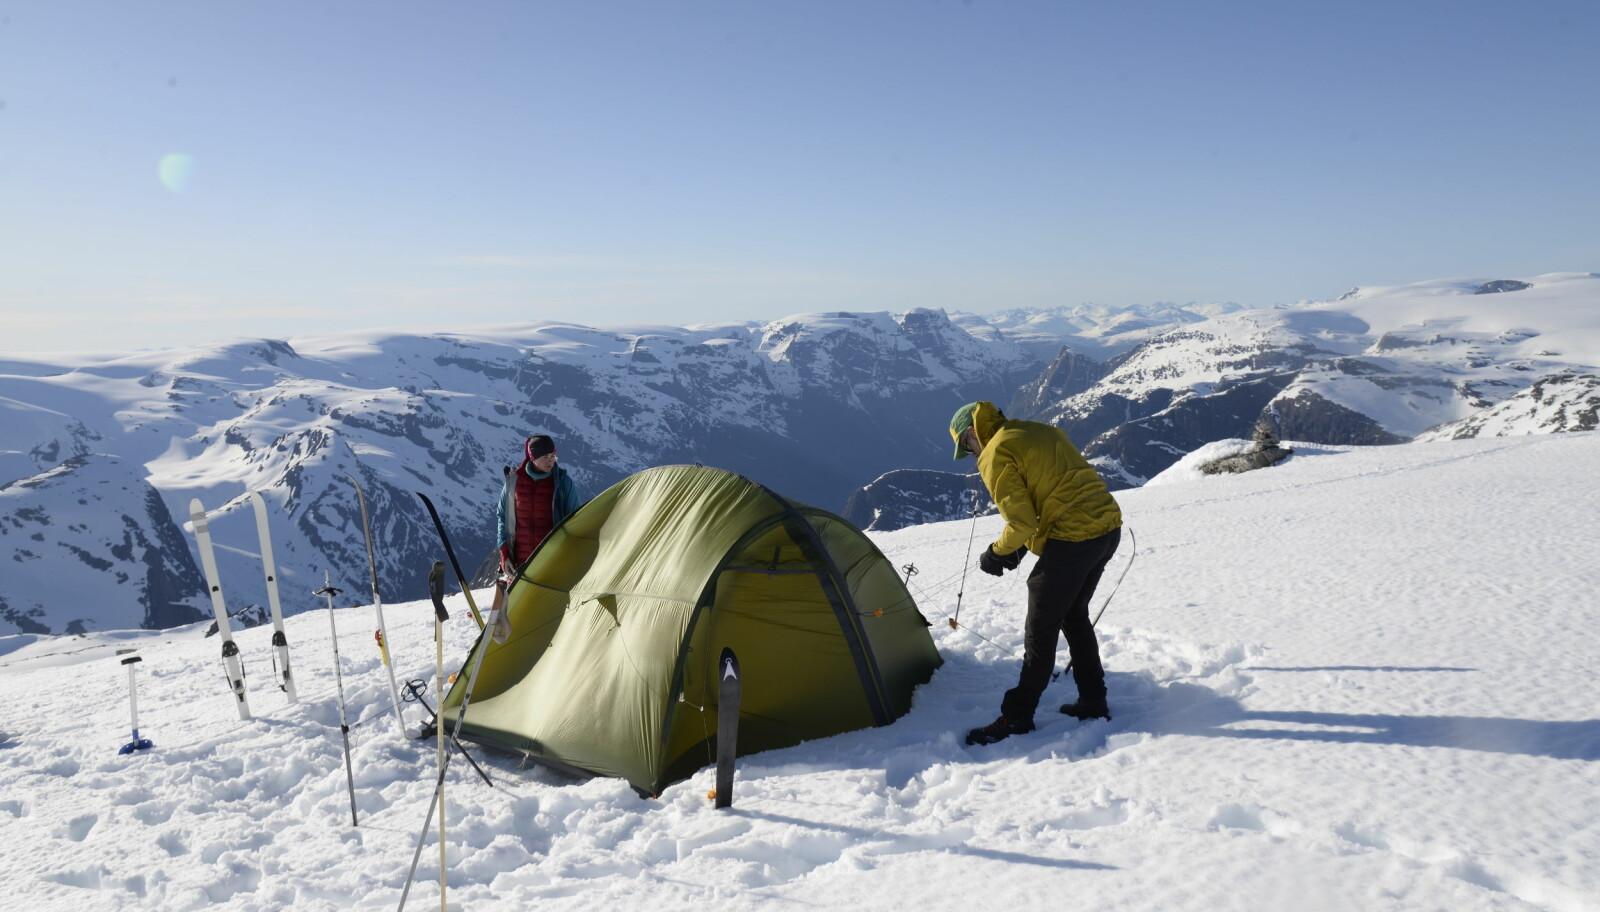 Kan hende vi denne natten setter opp teltet på verdens fineste leirplass, med utsikt mot Oldevatnet og Ceciliekruna.